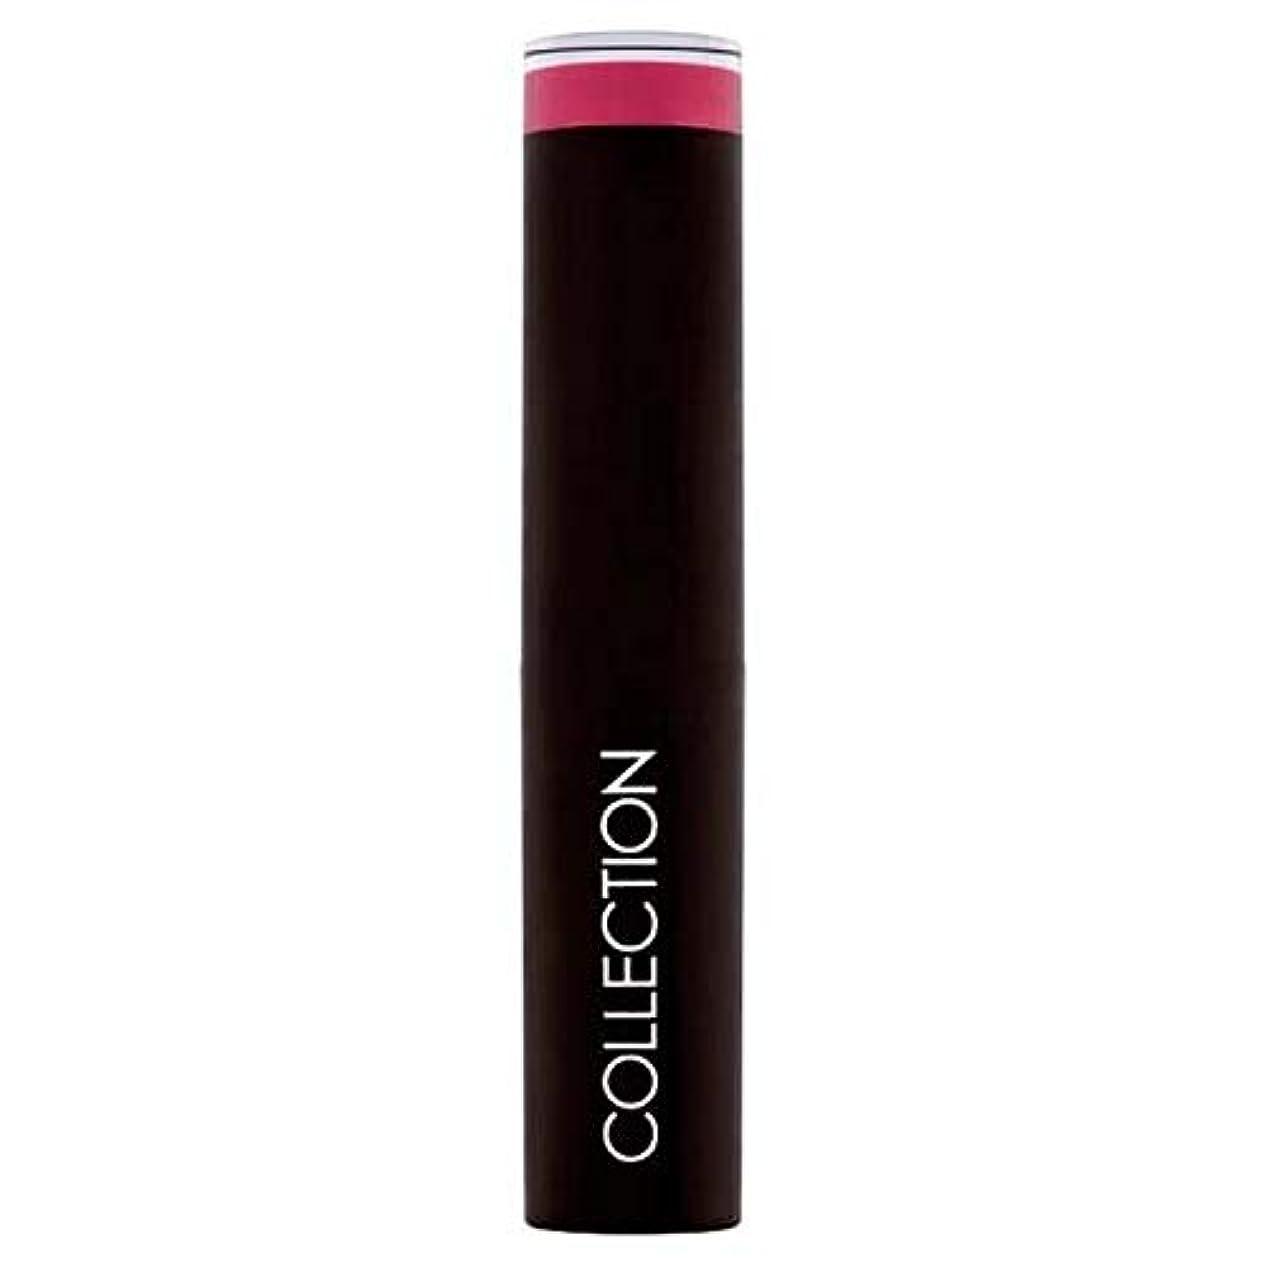 敬な実現可能外科医[Collection ] コレクション強烈な輝きゲル口紅桑バースト4 - Collection Intense Shine Gel Lipstick Mulberry Burst 4 [並行輸入品]